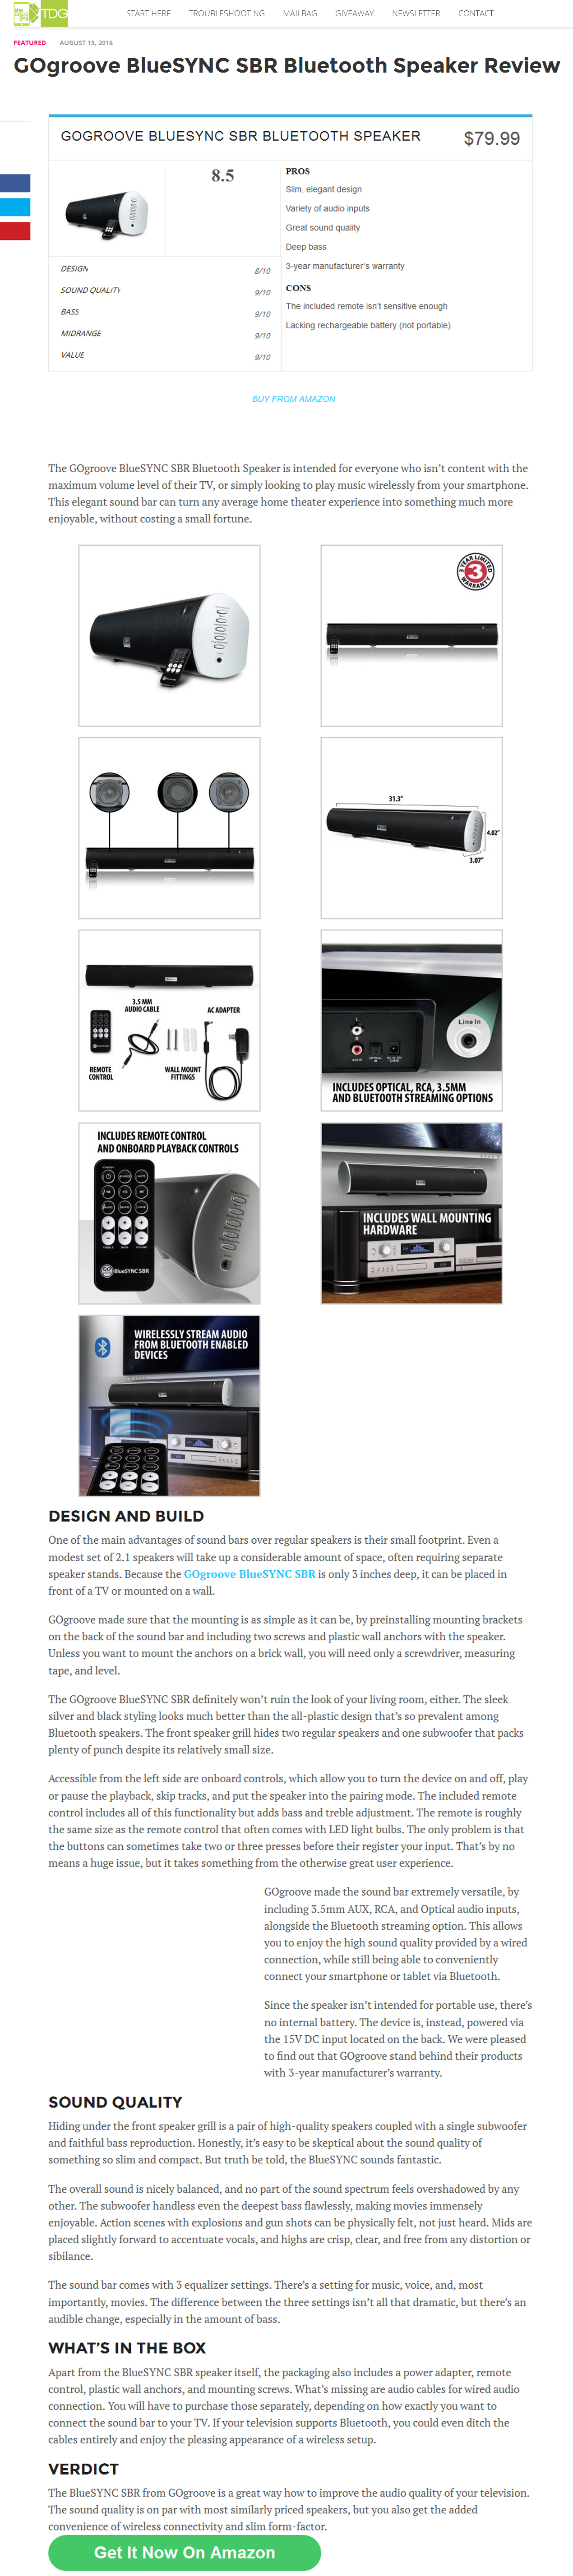 Ogroove BlueSYNC SBR Bluetooth Speaker